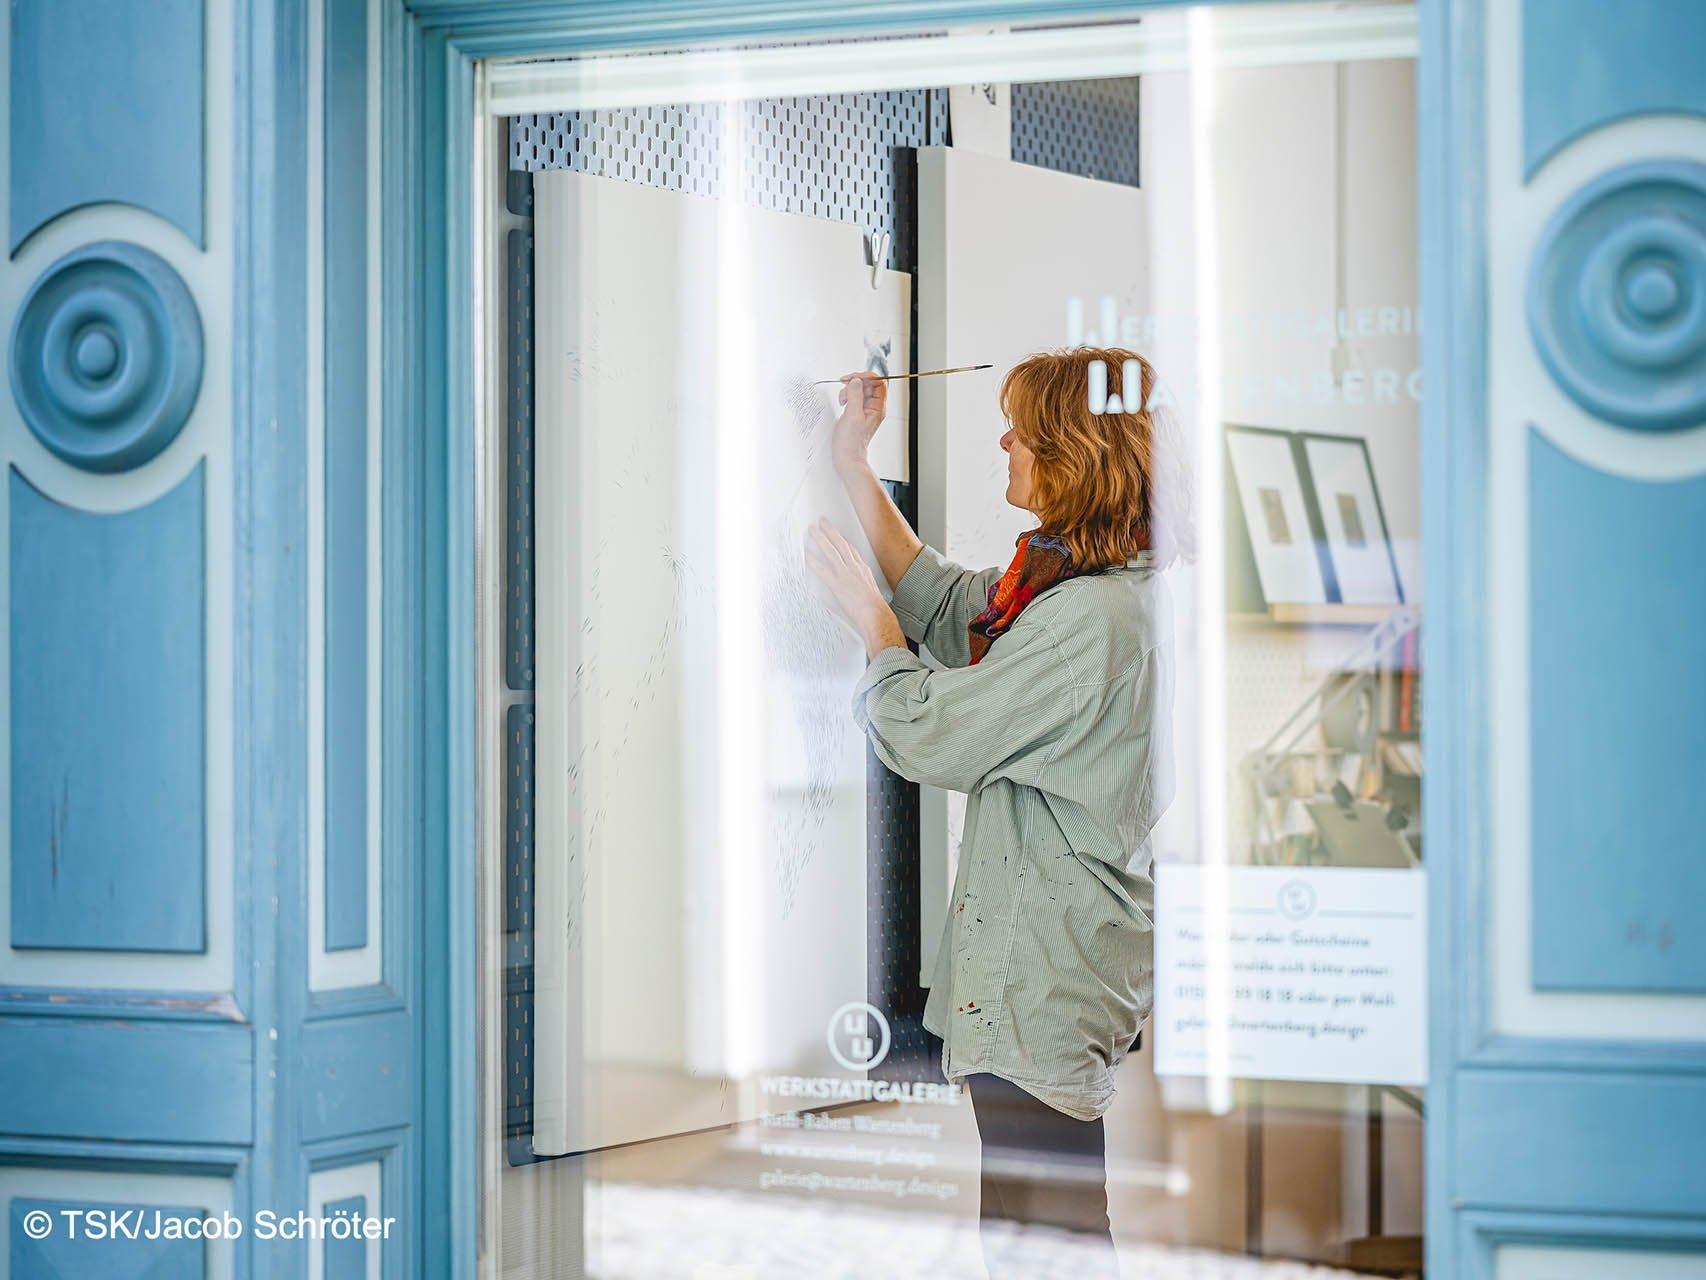 Die Künstlerin Steffi-Babett Wartenberg malt in ihrem Atelier, durch das Schaufenster fotografiert